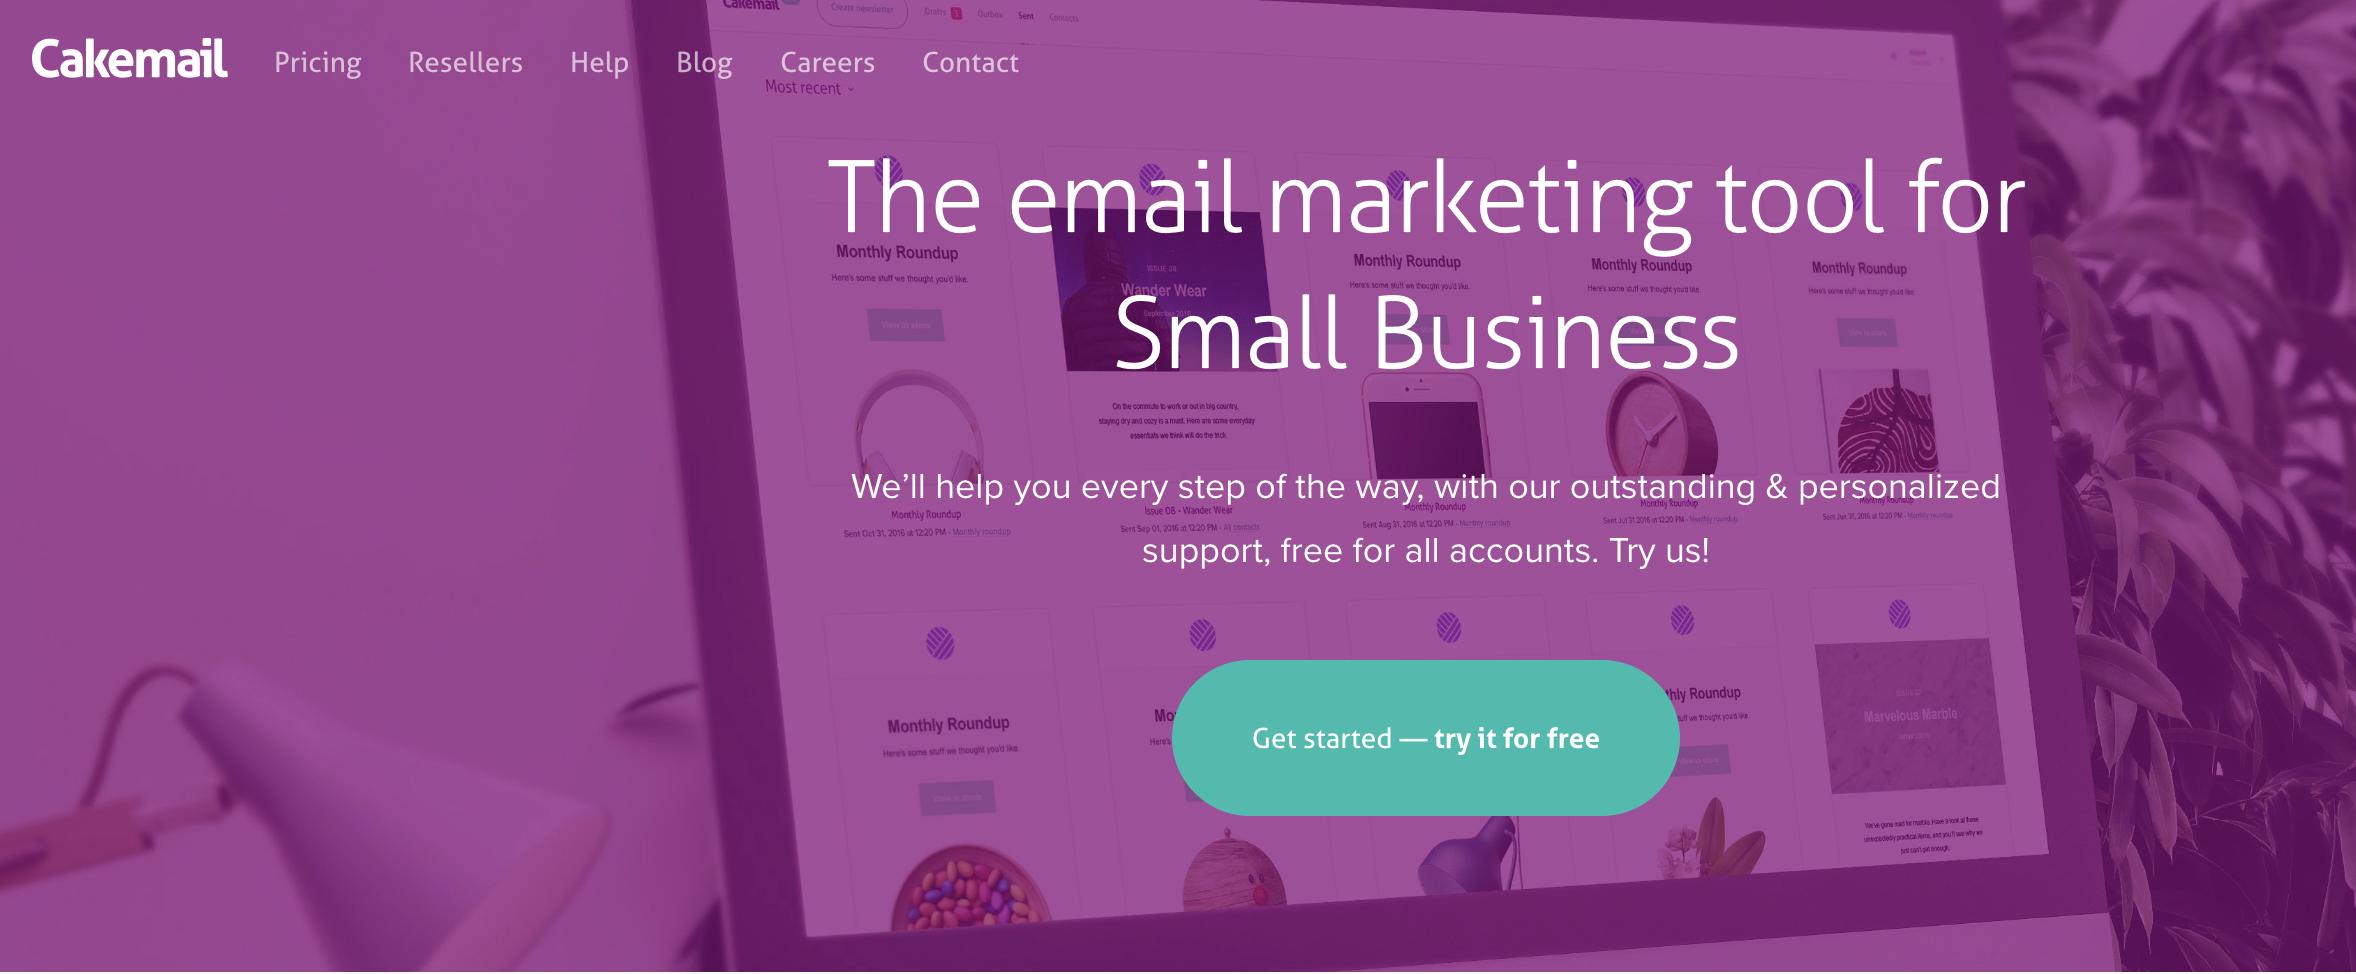 Cake Mail como exemplo de ferramenta grátis de email marketing